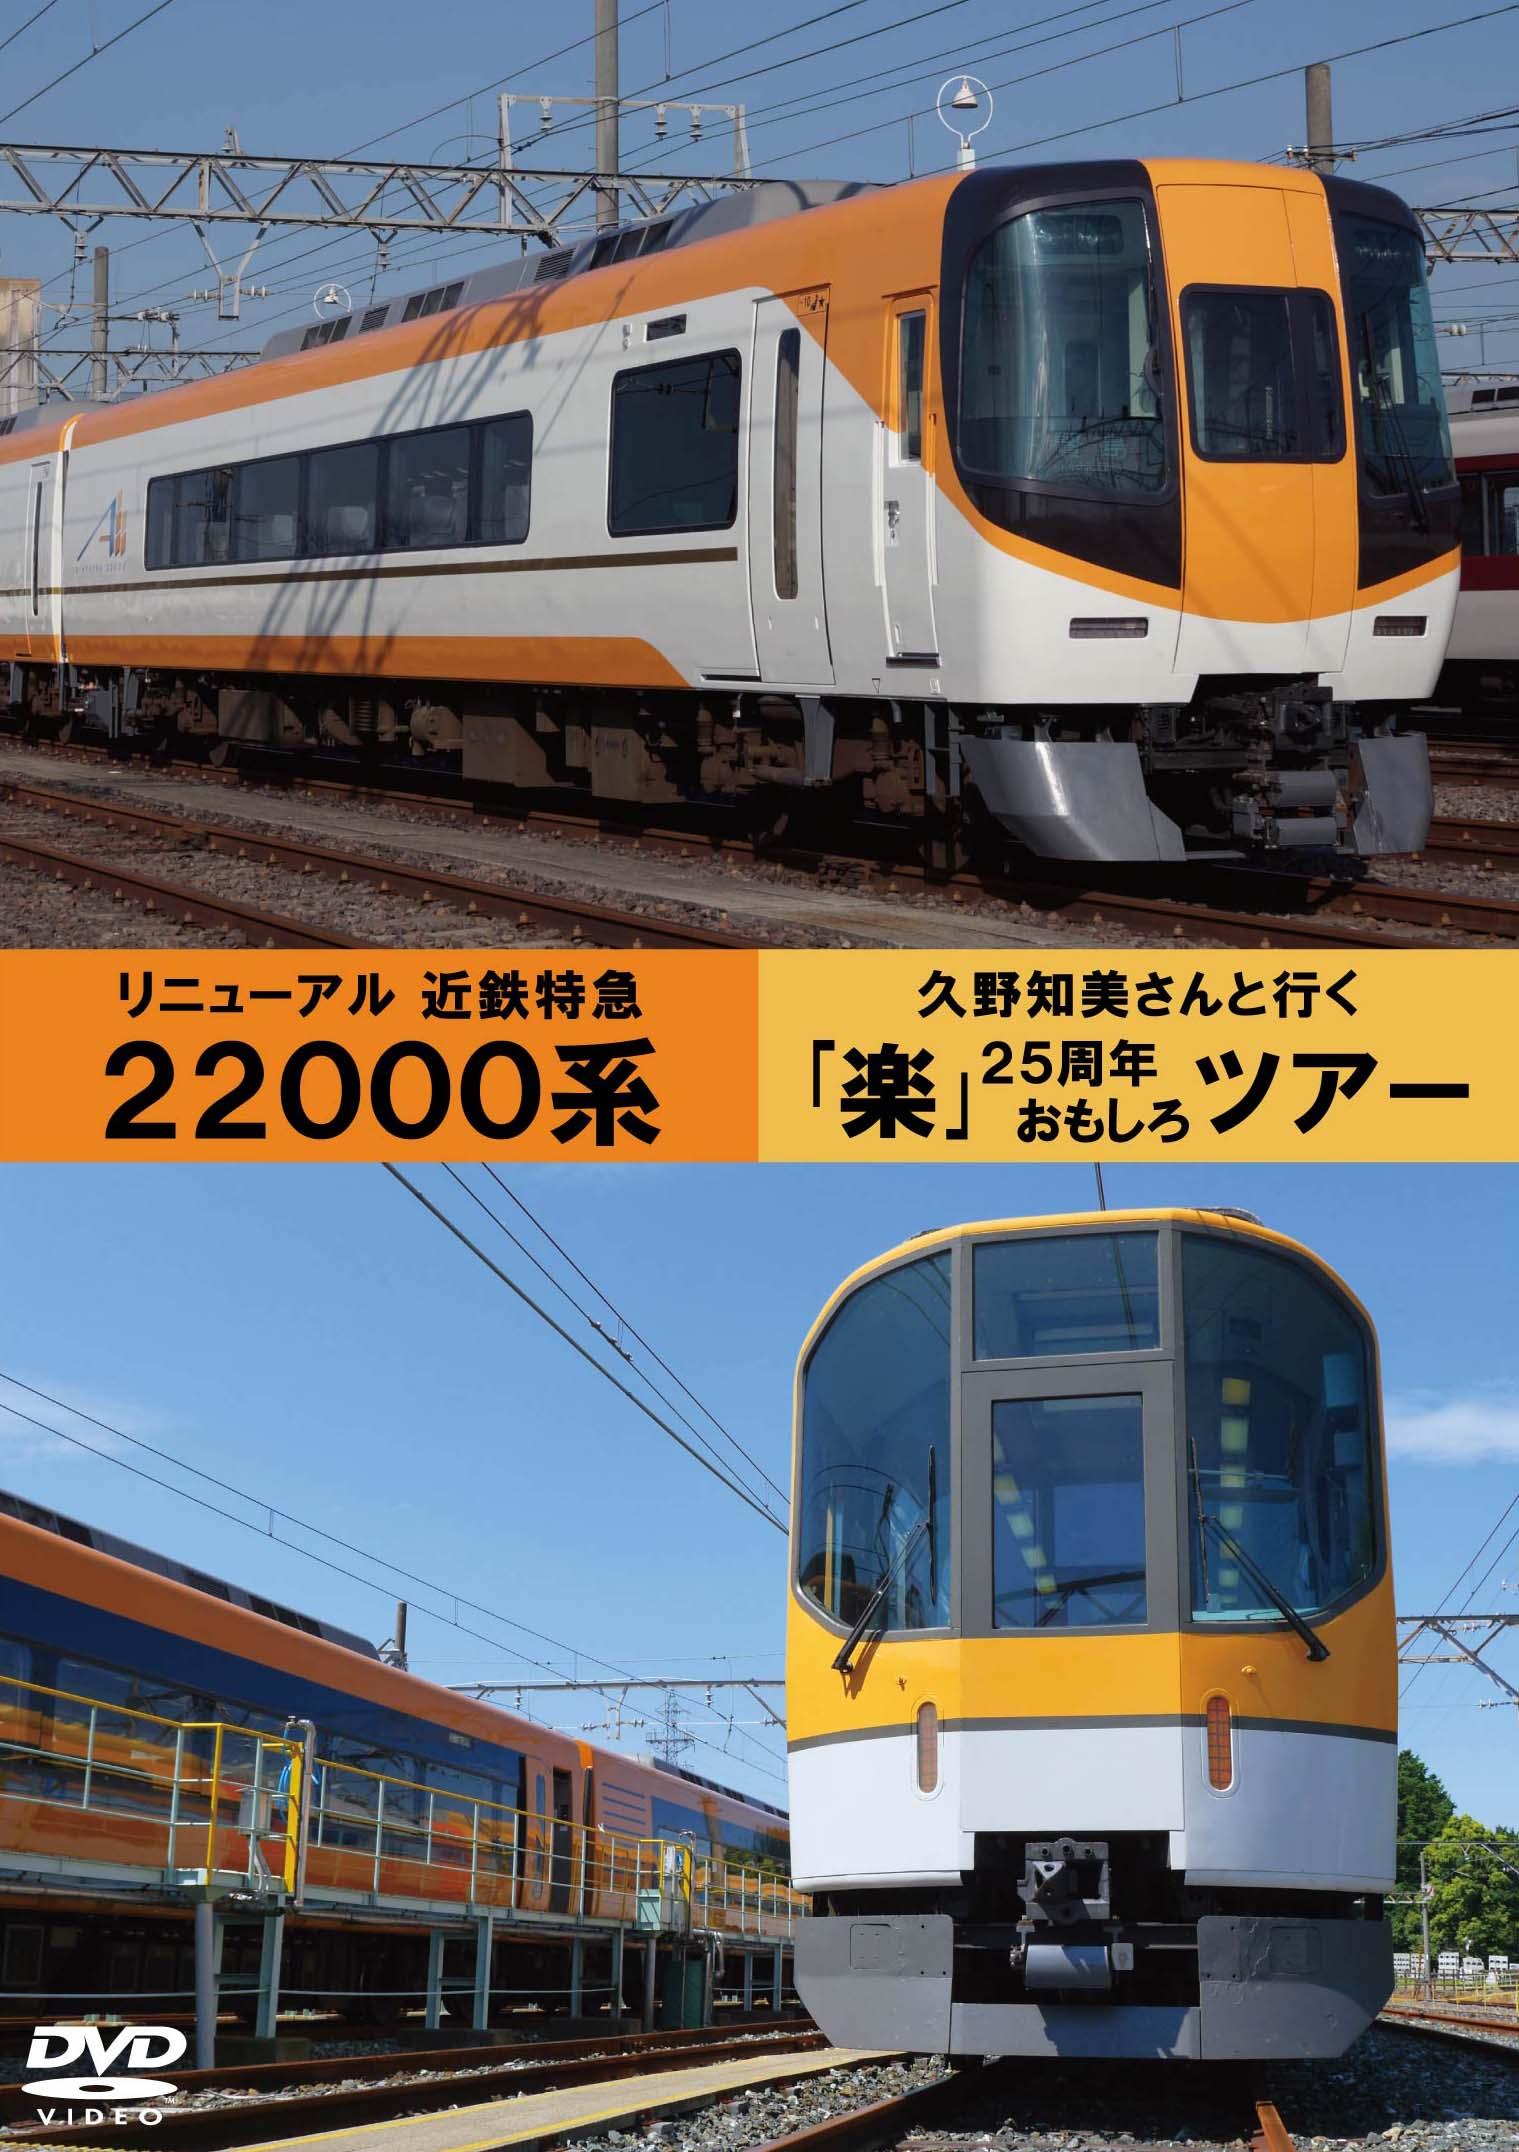 近鉄22000系リニューアル・久野知美と行く「楽」の旅